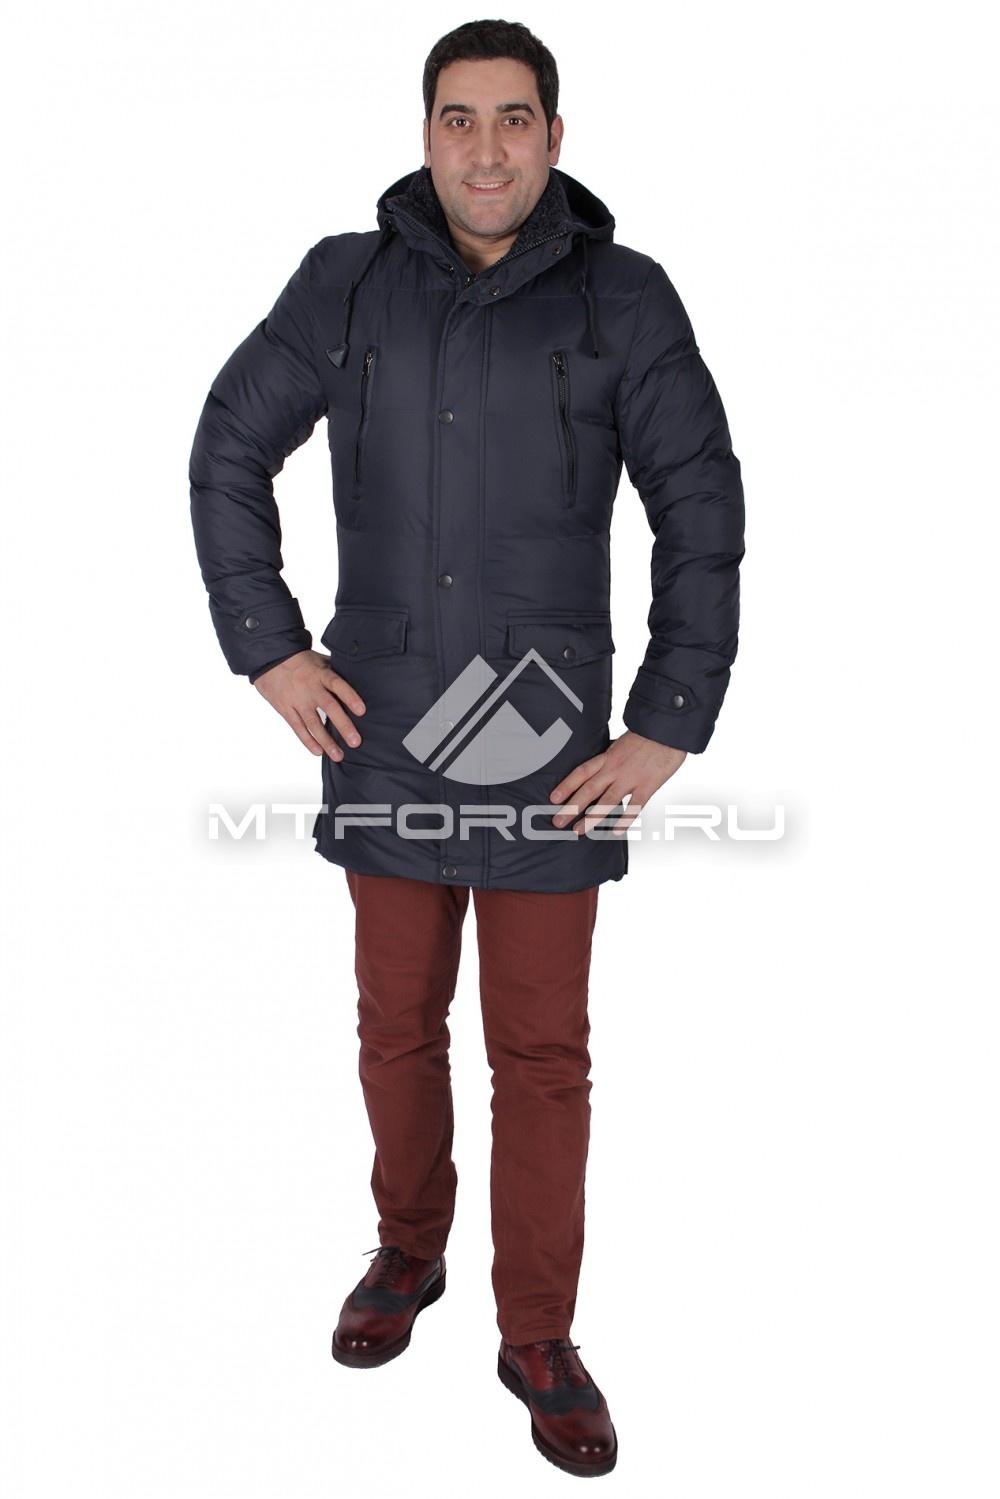 Купить                                  оптом Куртка зимняя мужская темно-синего цвета 771TS в Санкт-Петербурге